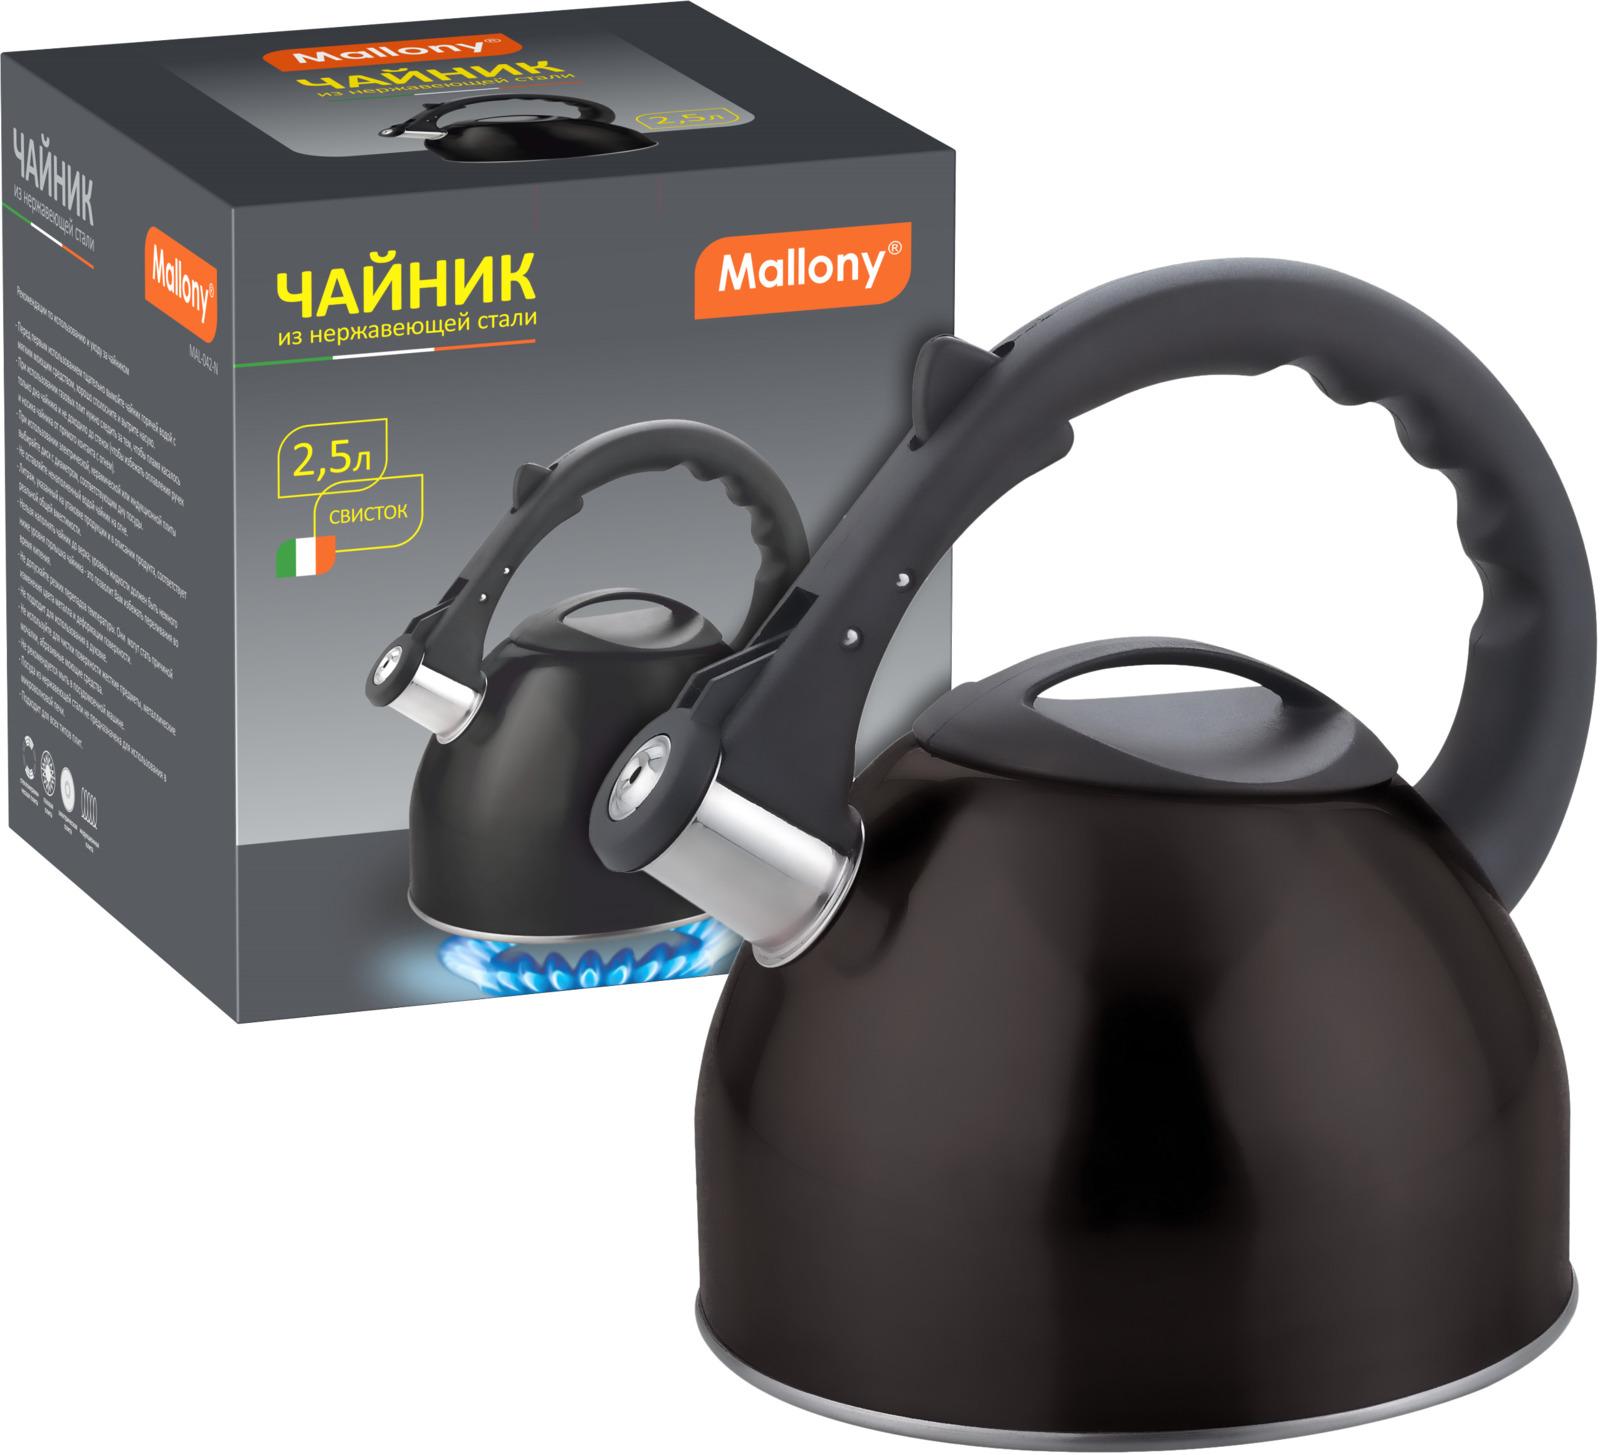 цена на Чайник Mallony MAL-042-N, со свистком, цвет: черный, 2,5 л